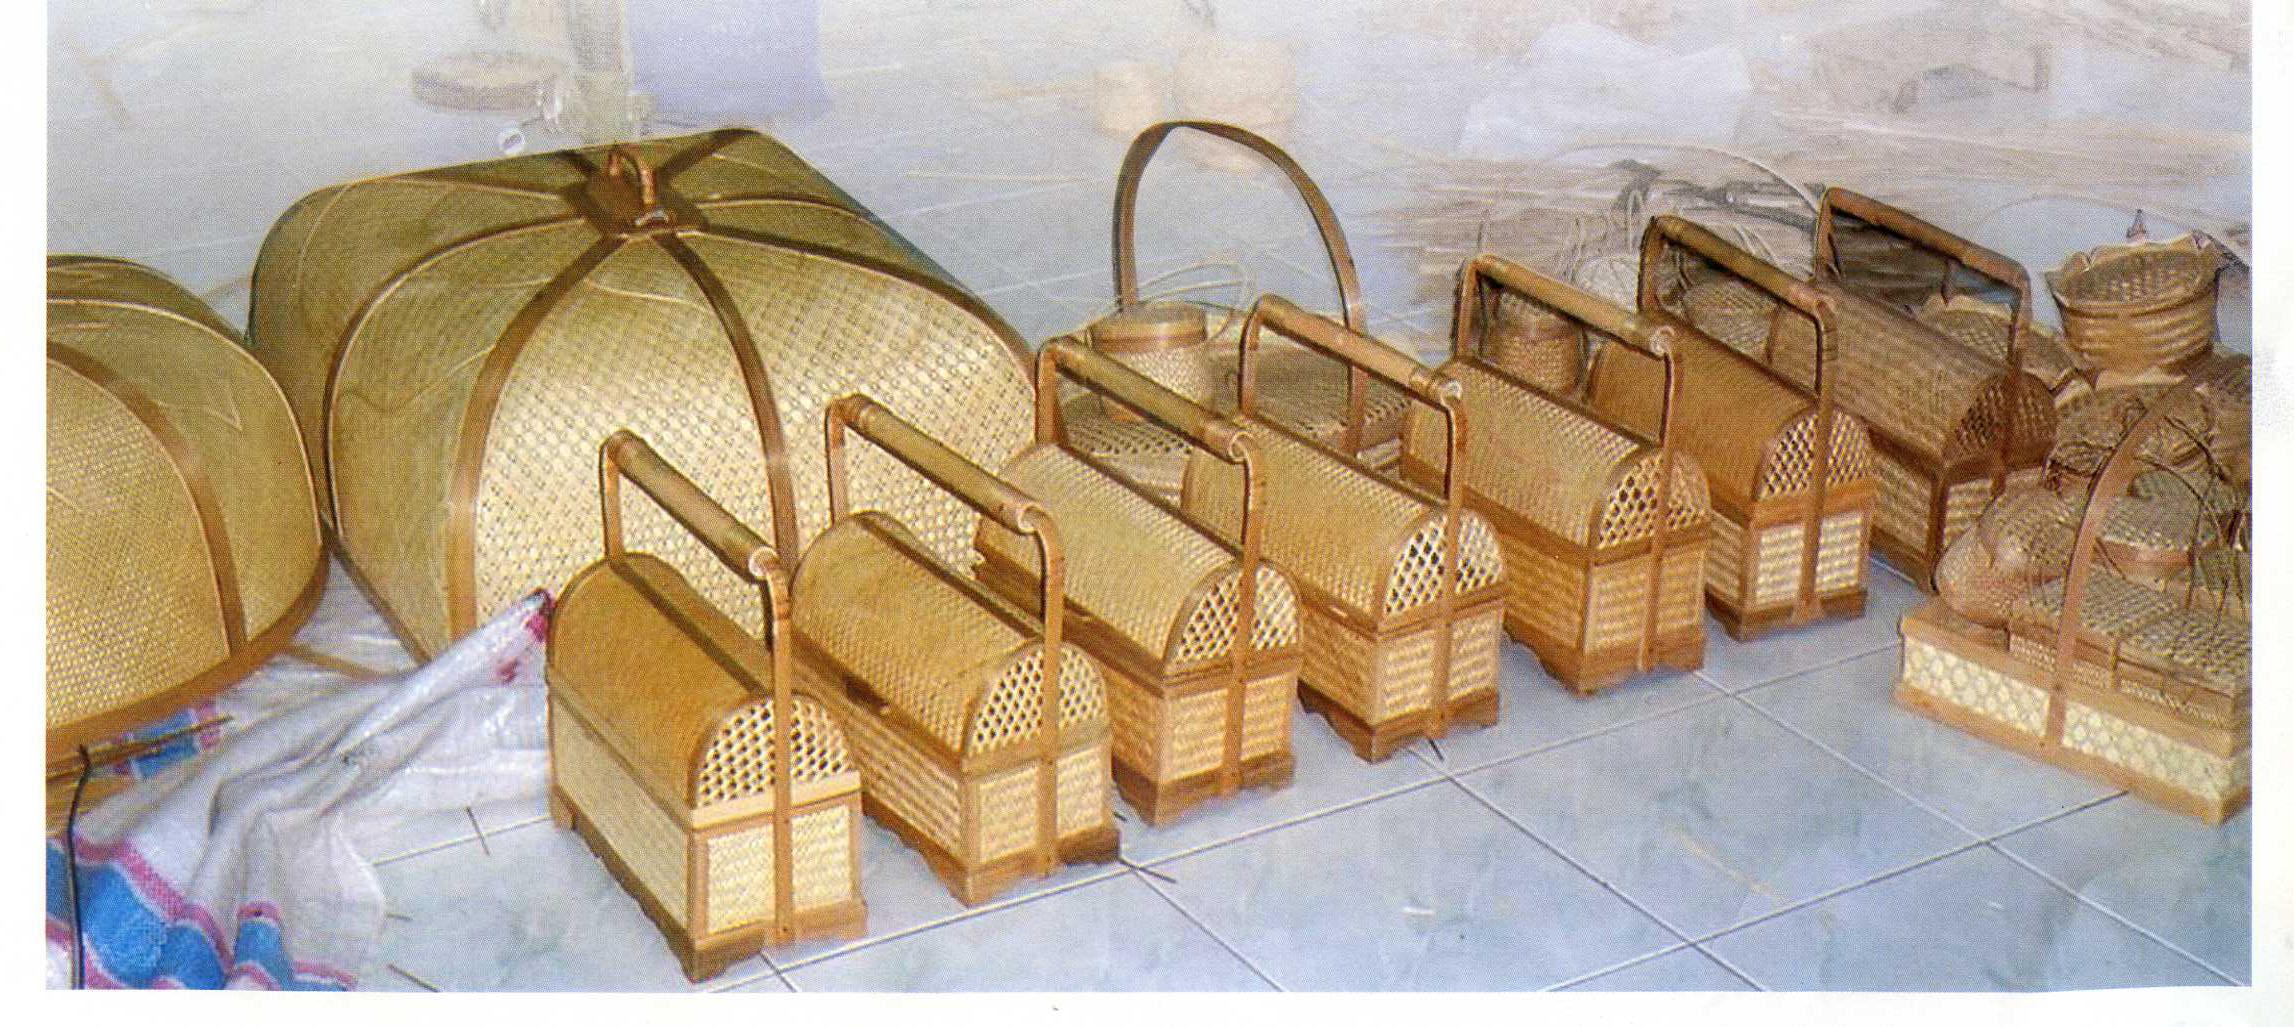 Bahan baku bambu pilihan per batang Rp5.000,00. Cukup murah ...